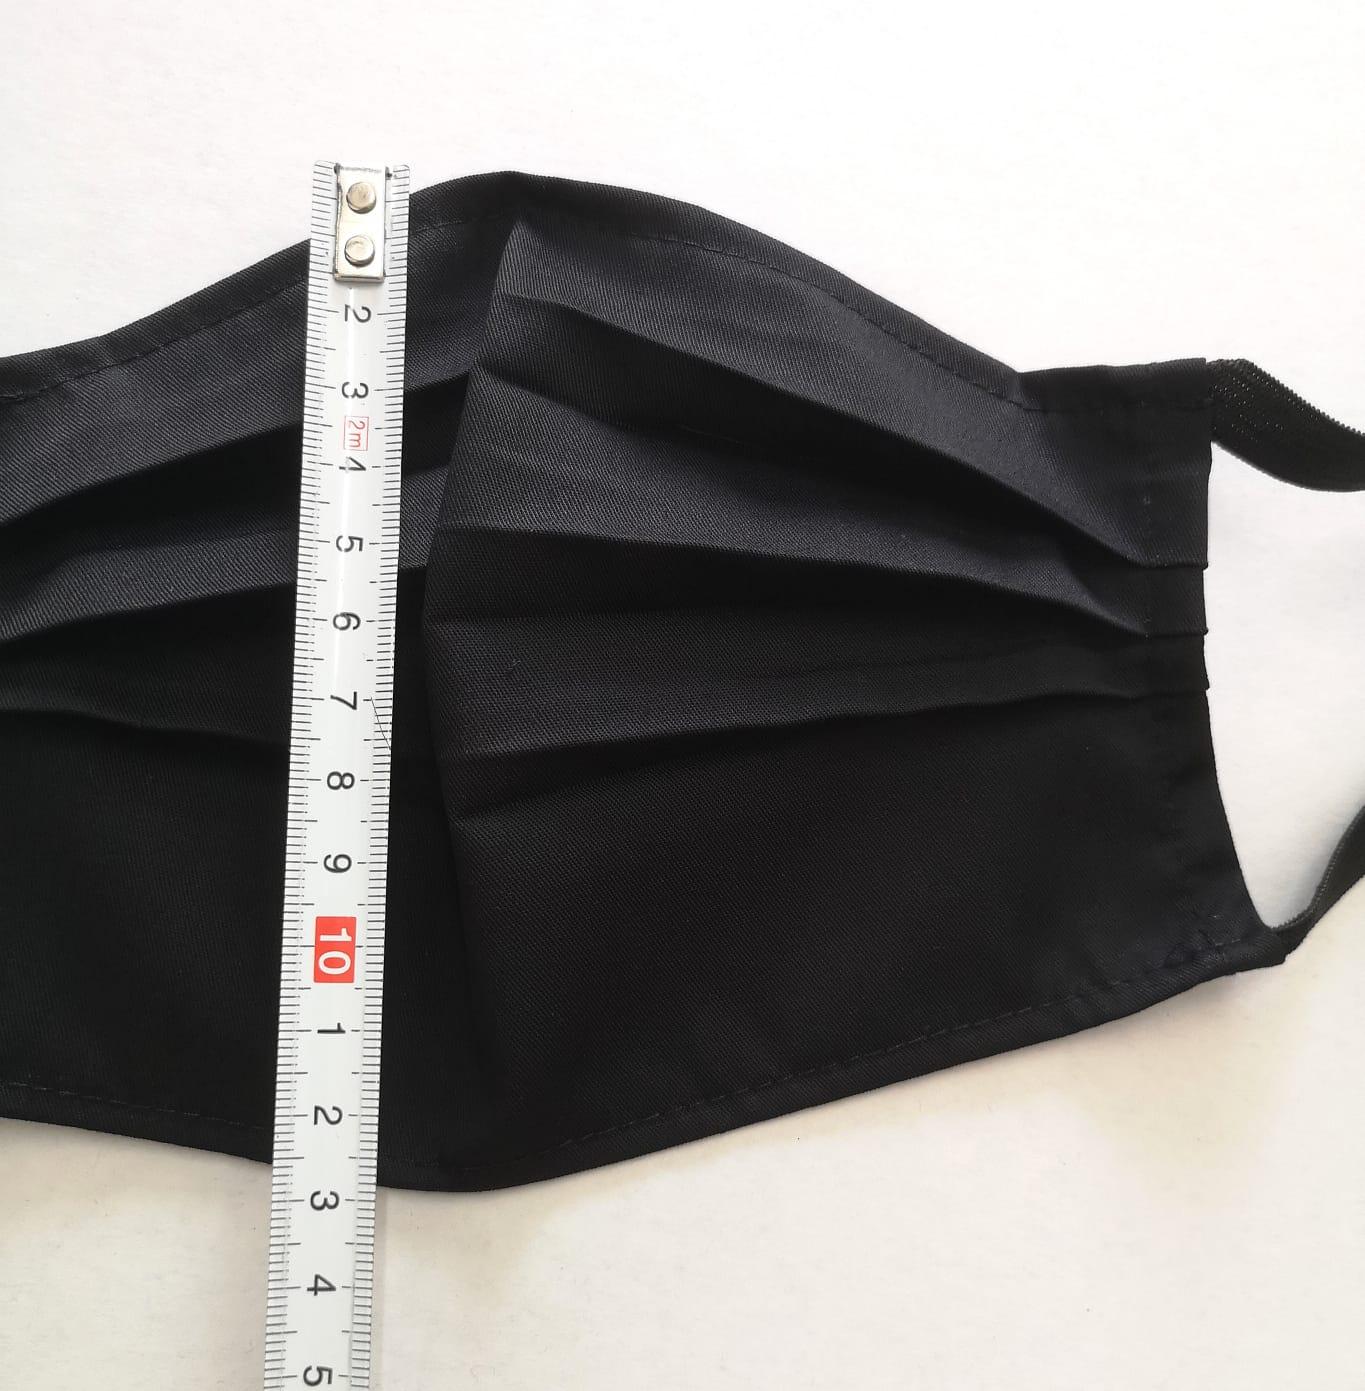 Masca reutilizabila foarte rezistenta neagra set